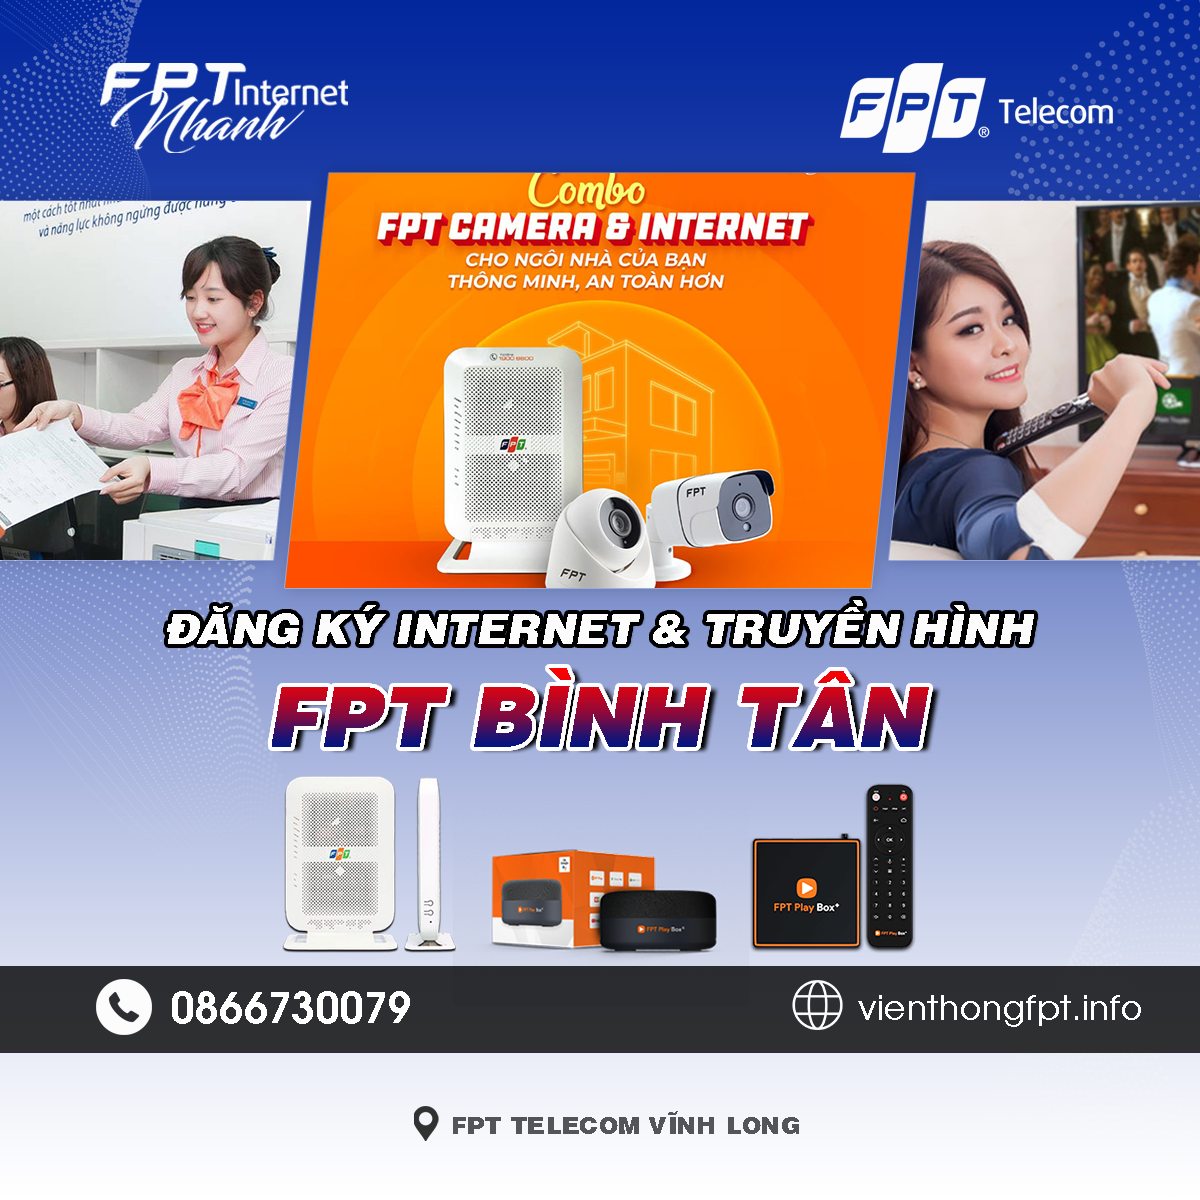 Tổng đài Chi nhánh FPT Bình Tân - Vĩnh Long